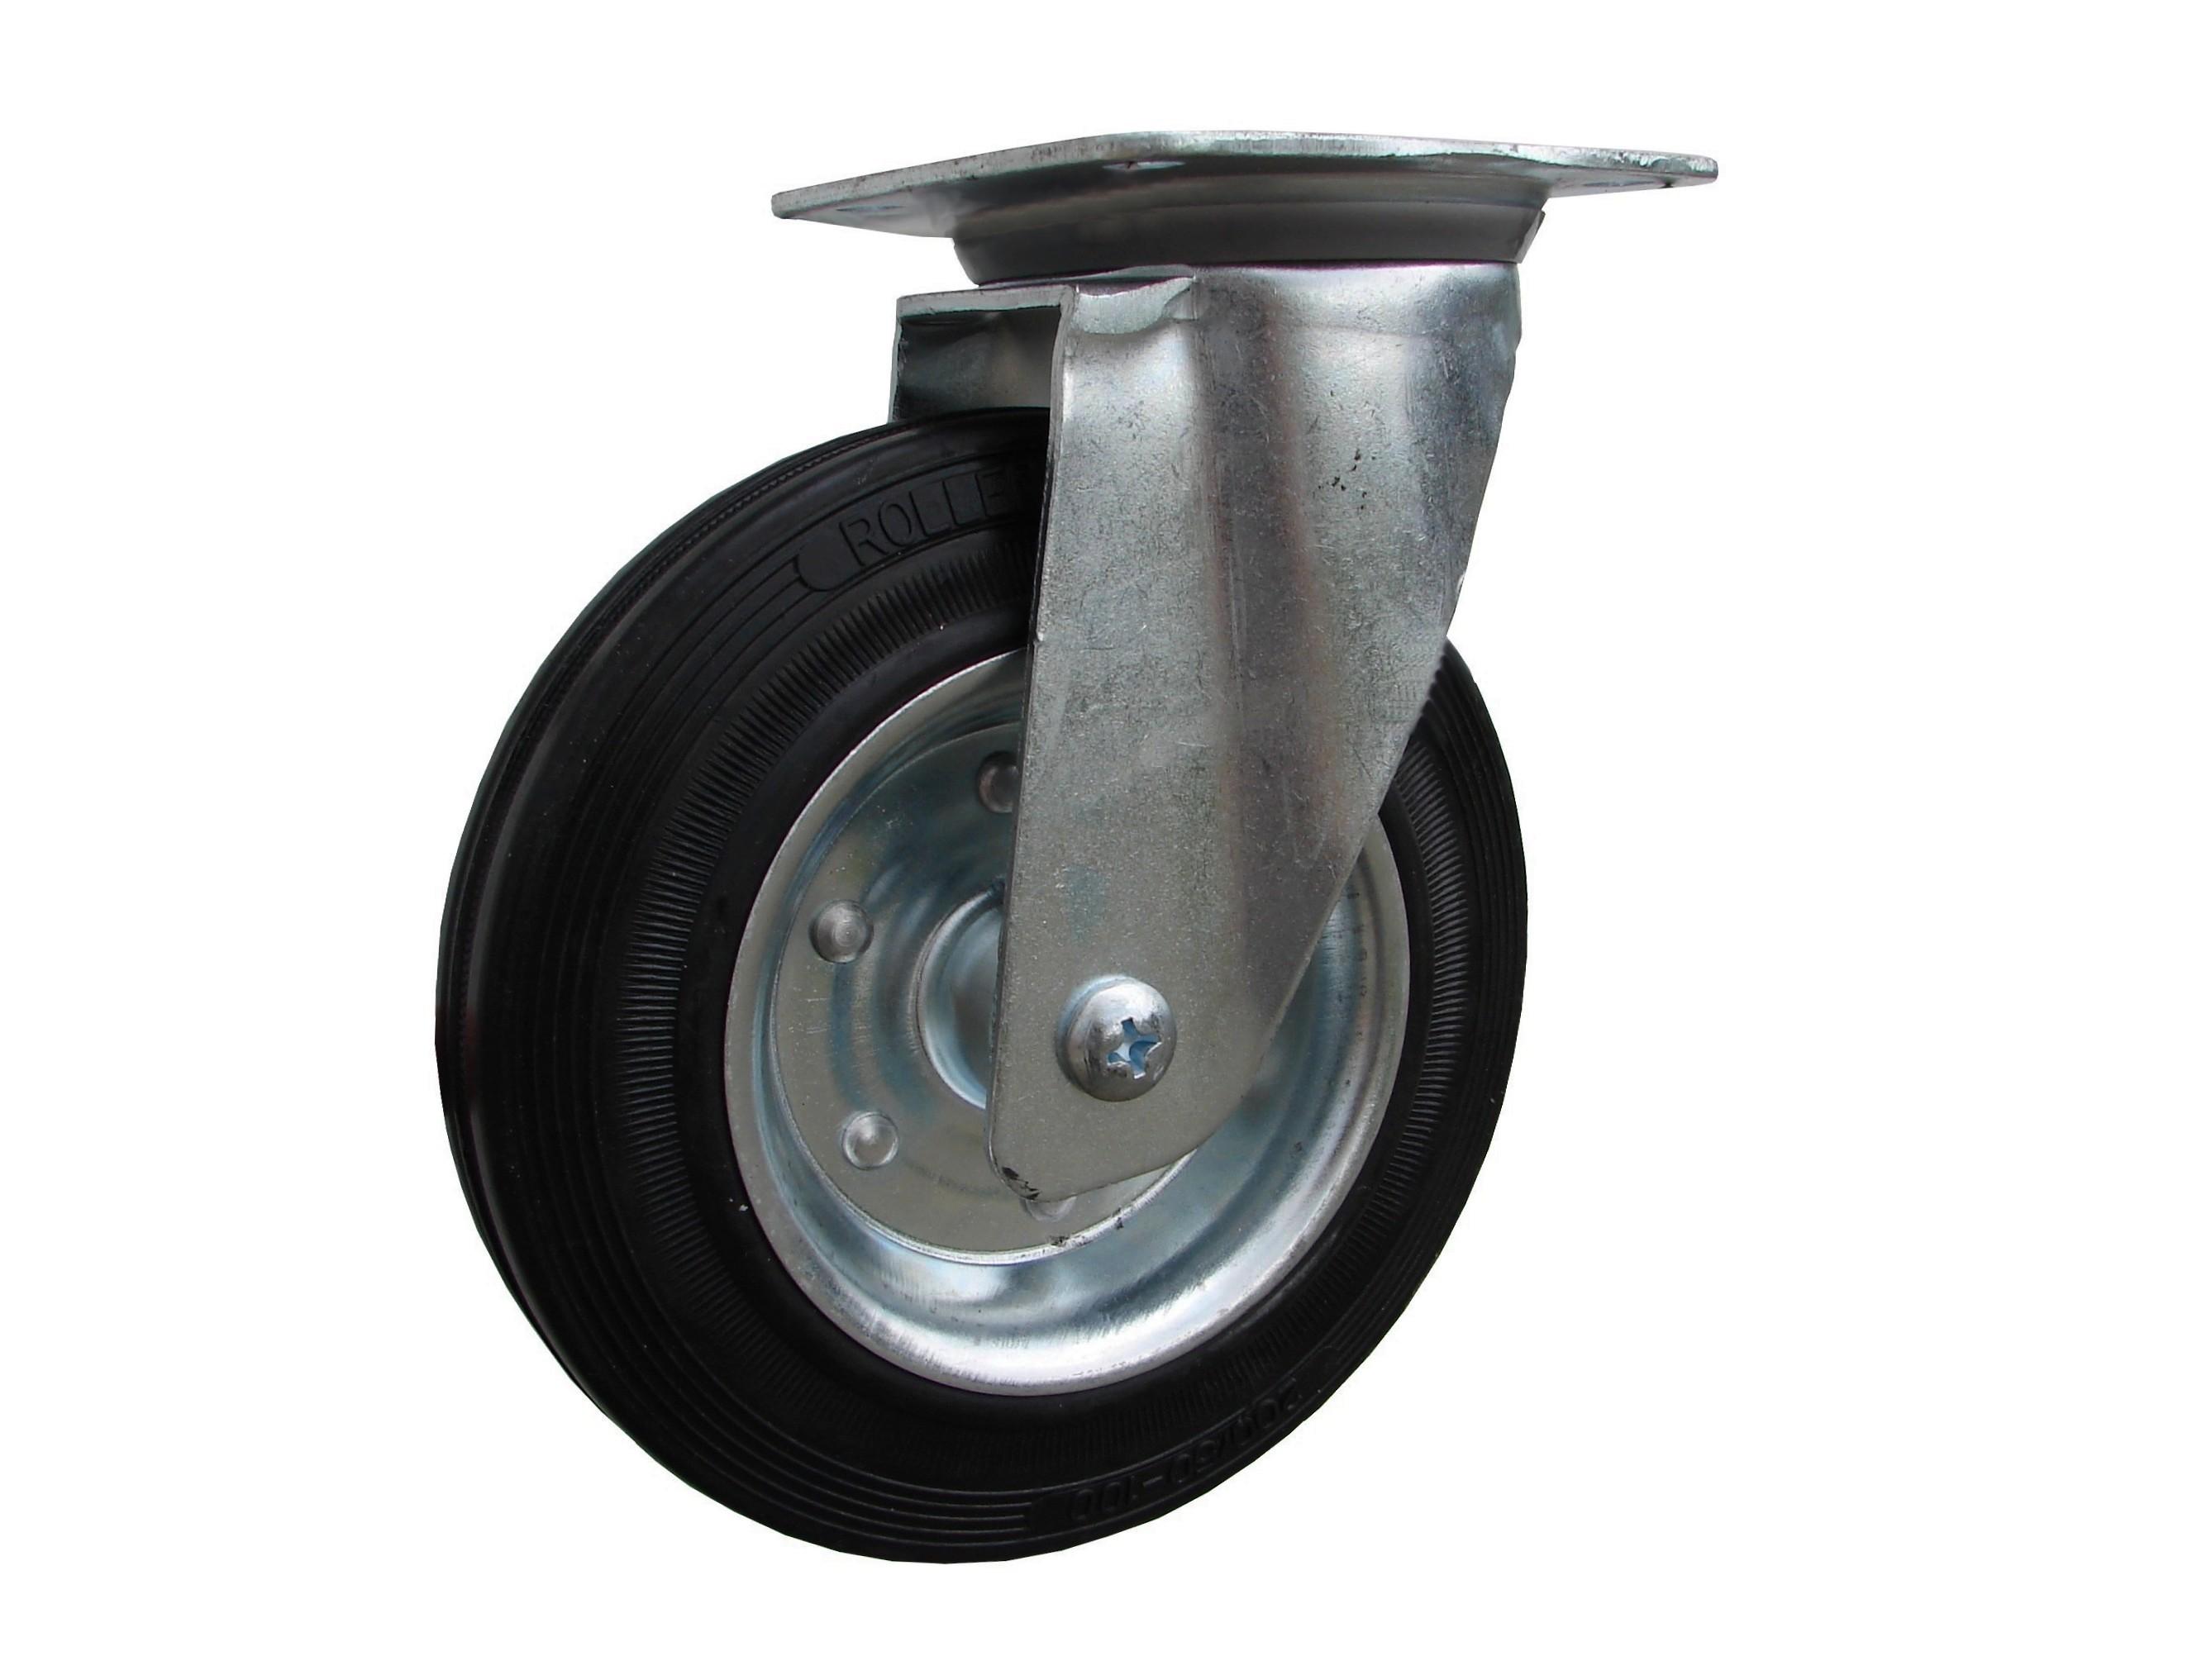 Kolieska otočná, čierna gumová, kovový disk serie 31 000